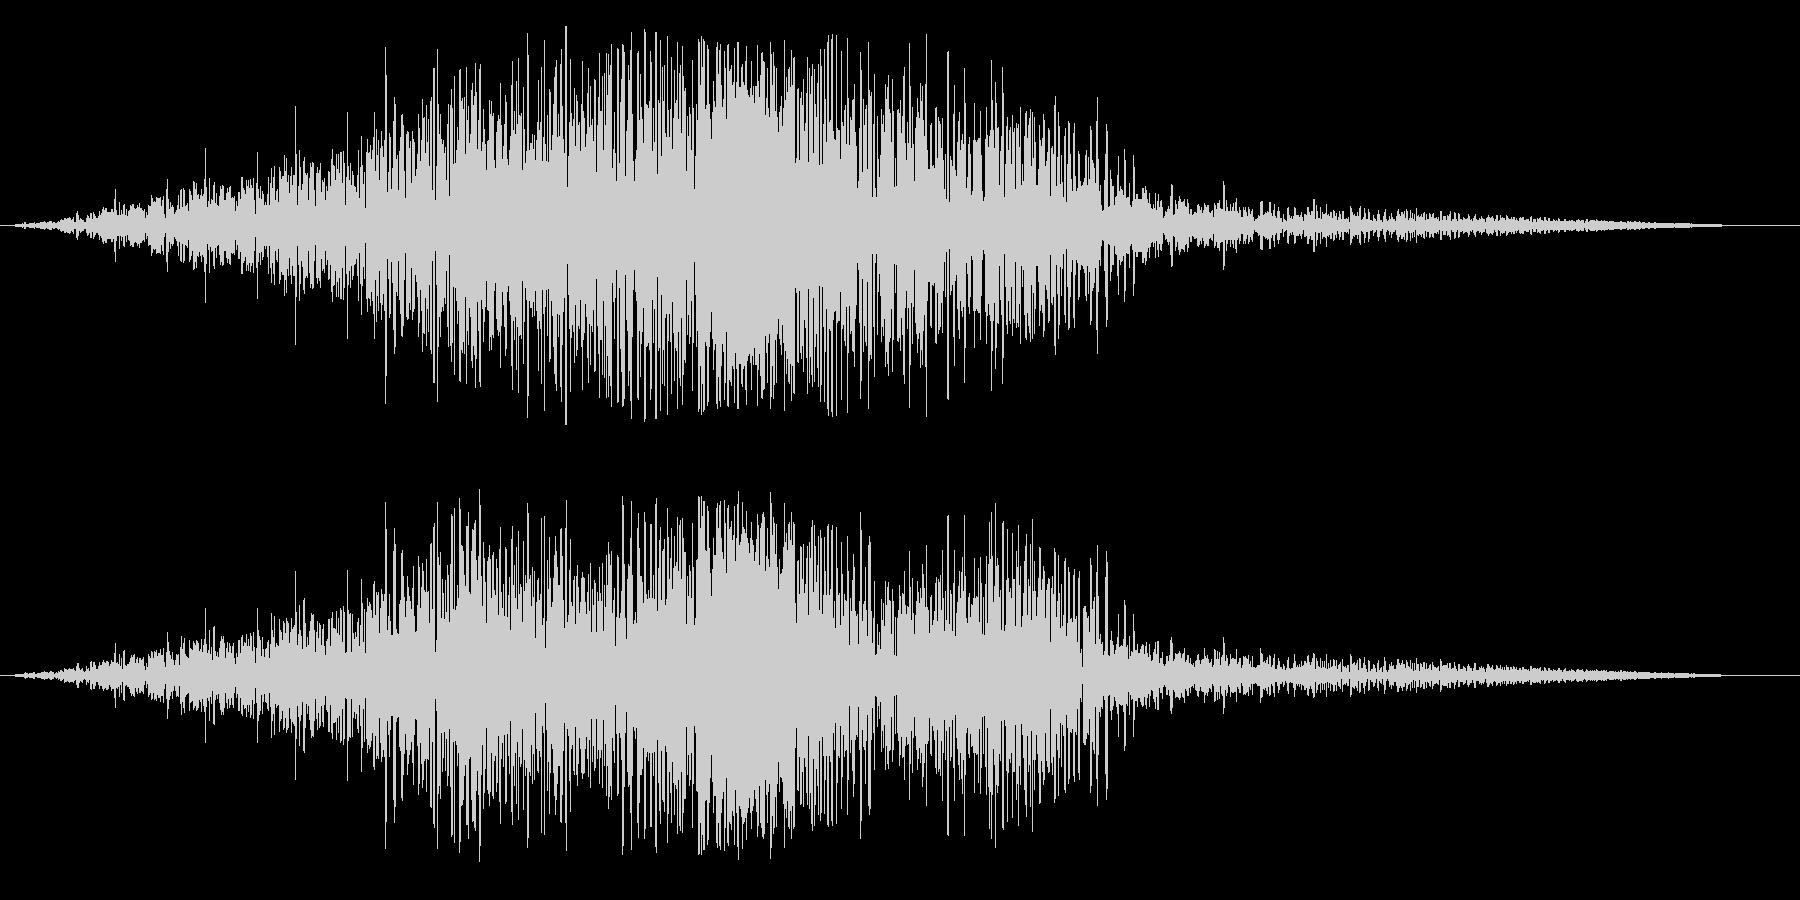 ビヨ〜ン(未知の生物が通り過ぎる音)の未再生の波形